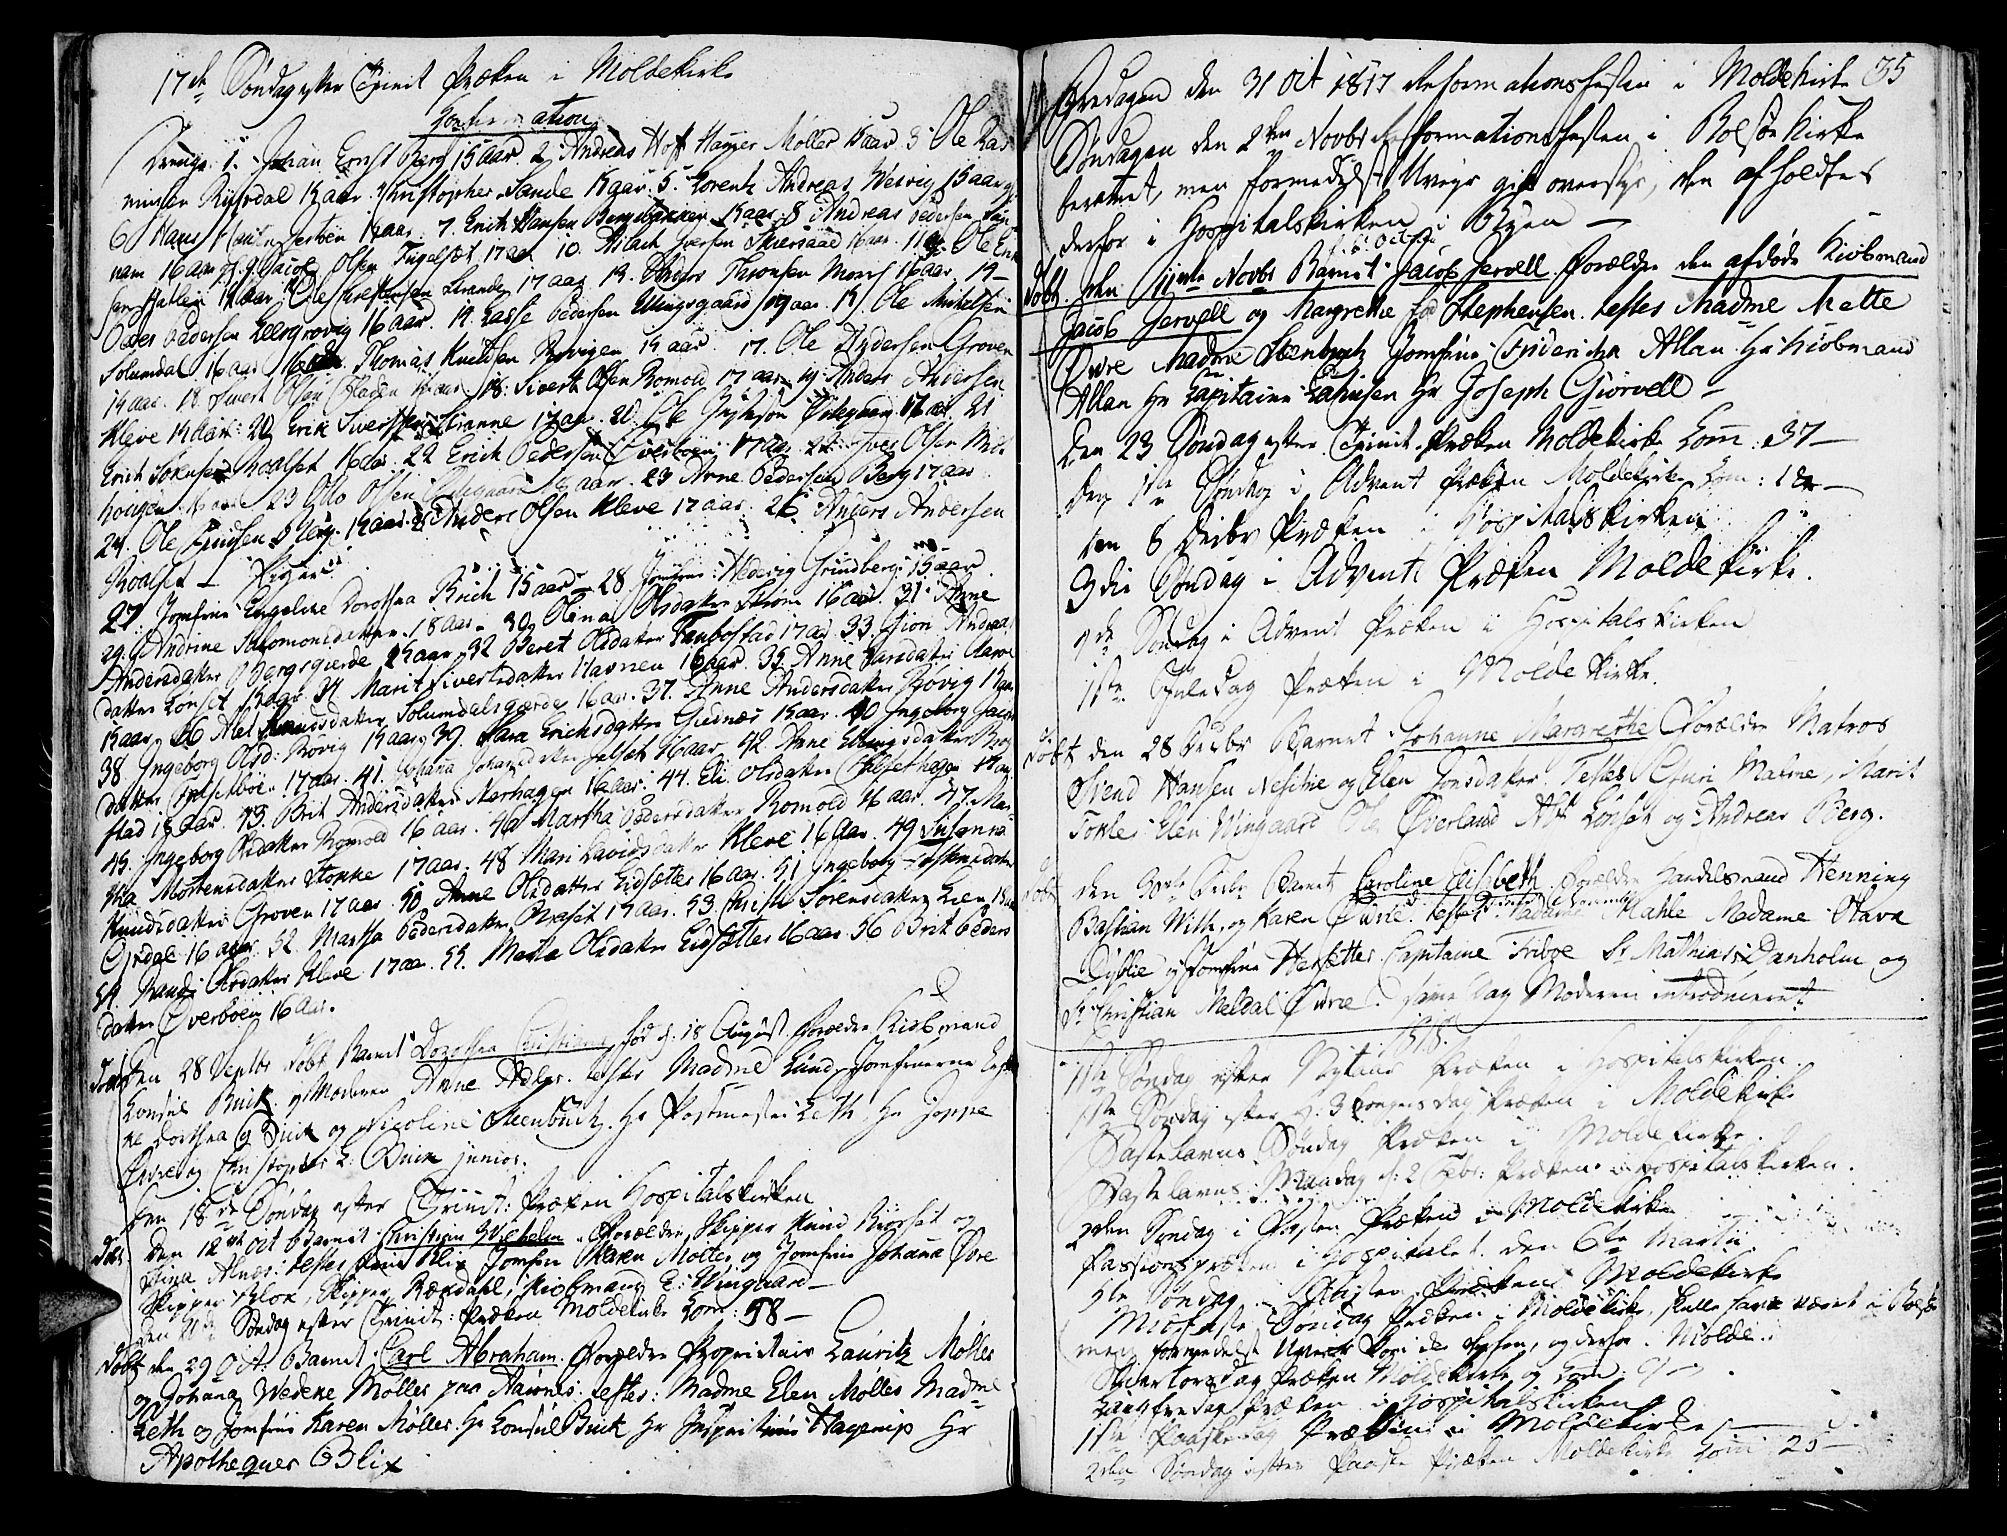 SAT, Ministerialprotokoller, klokkerbøker og fødselsregistre - Møre og Romsdal, 558/L0687: Ministerialbok nr. 558A01, 1798-1818, s. 35